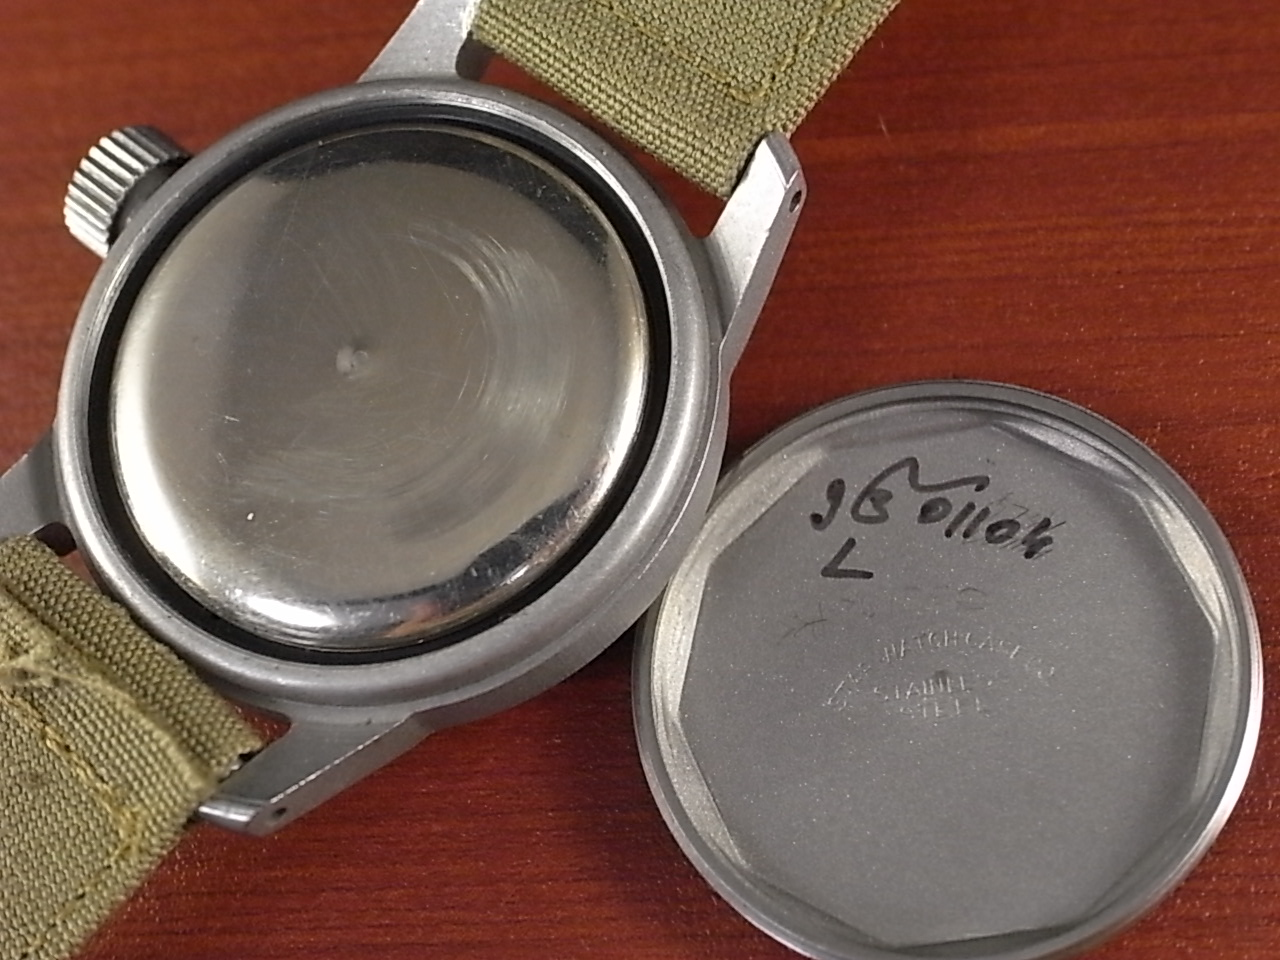 ブローバ 軍用時計 米軍 MIL-W-3818A ニアミント 1950年代の写真6枚目